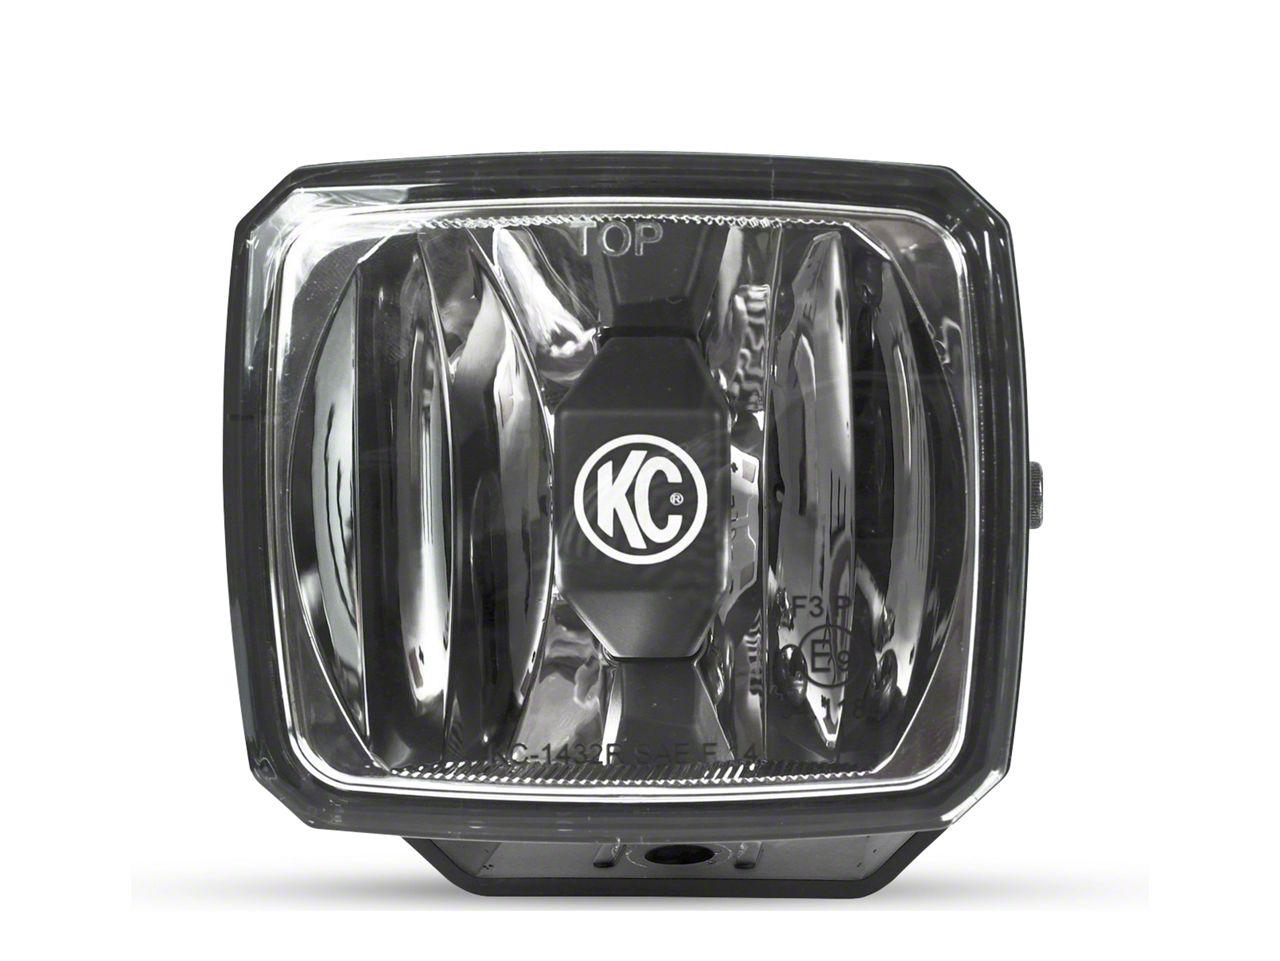 KC HiLiTES 3x4 in. Gravity G34 LED Light - Fog Beam